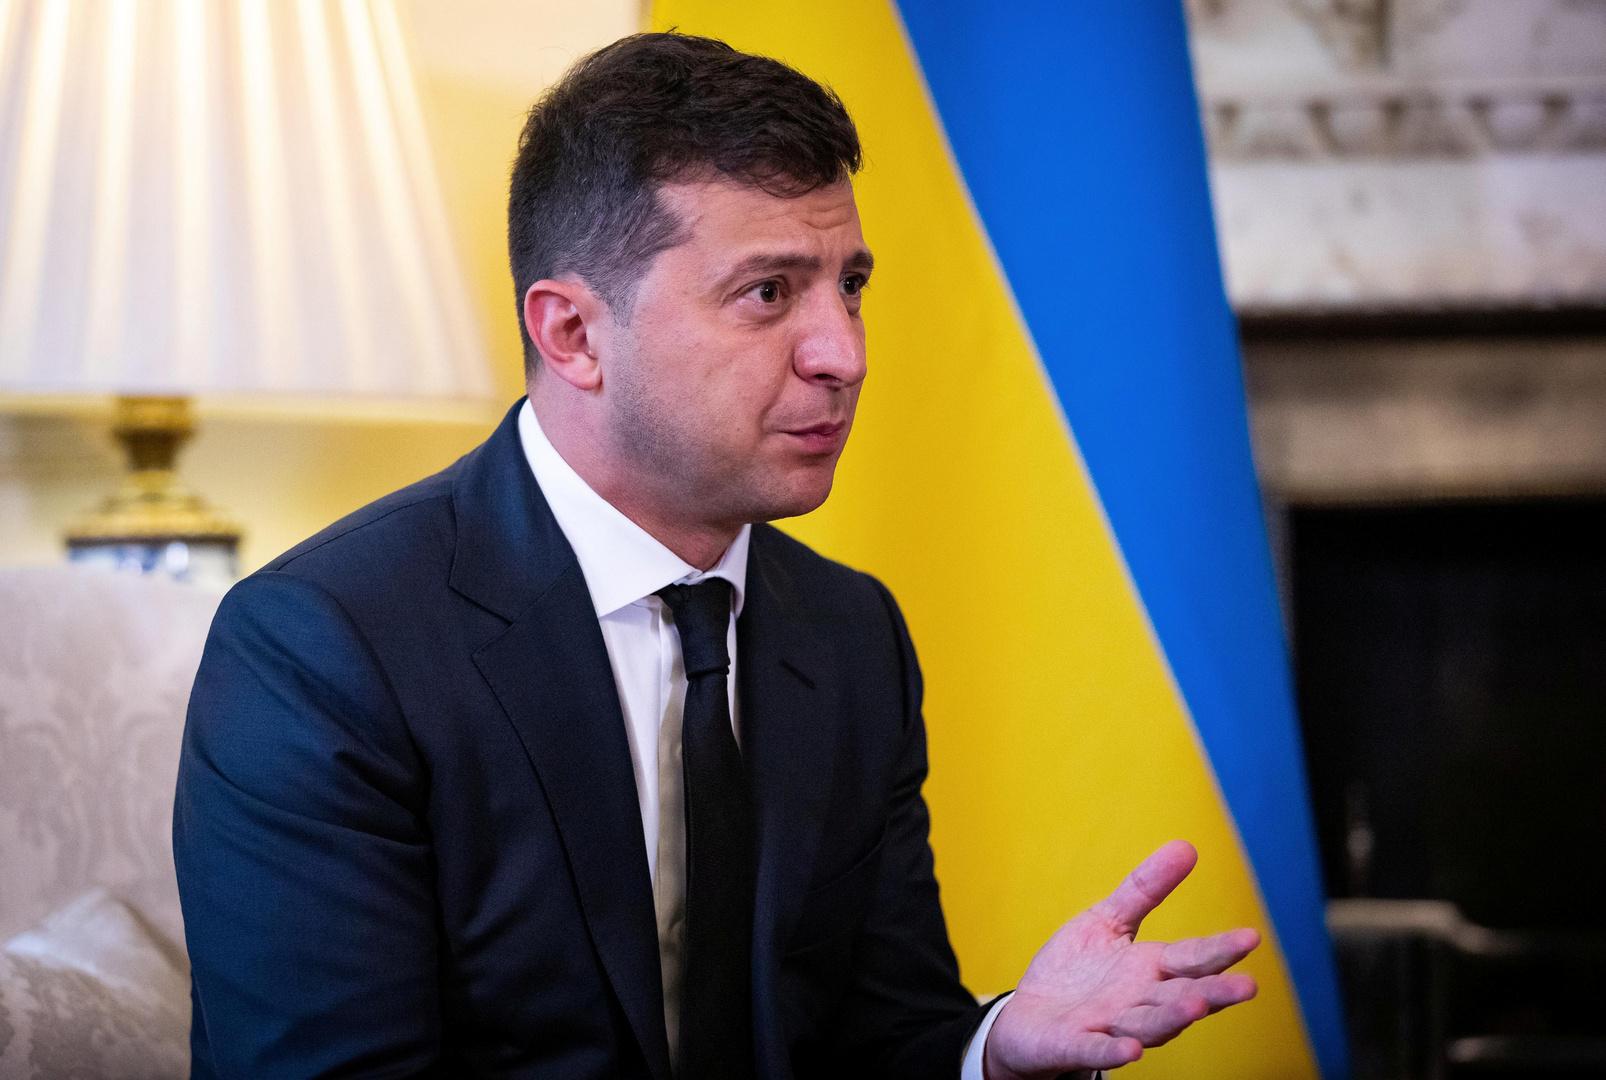 زيلينسكي يعلن استعداده لتجربة اللقاح الأوكراني ضد كورونا على نفسه